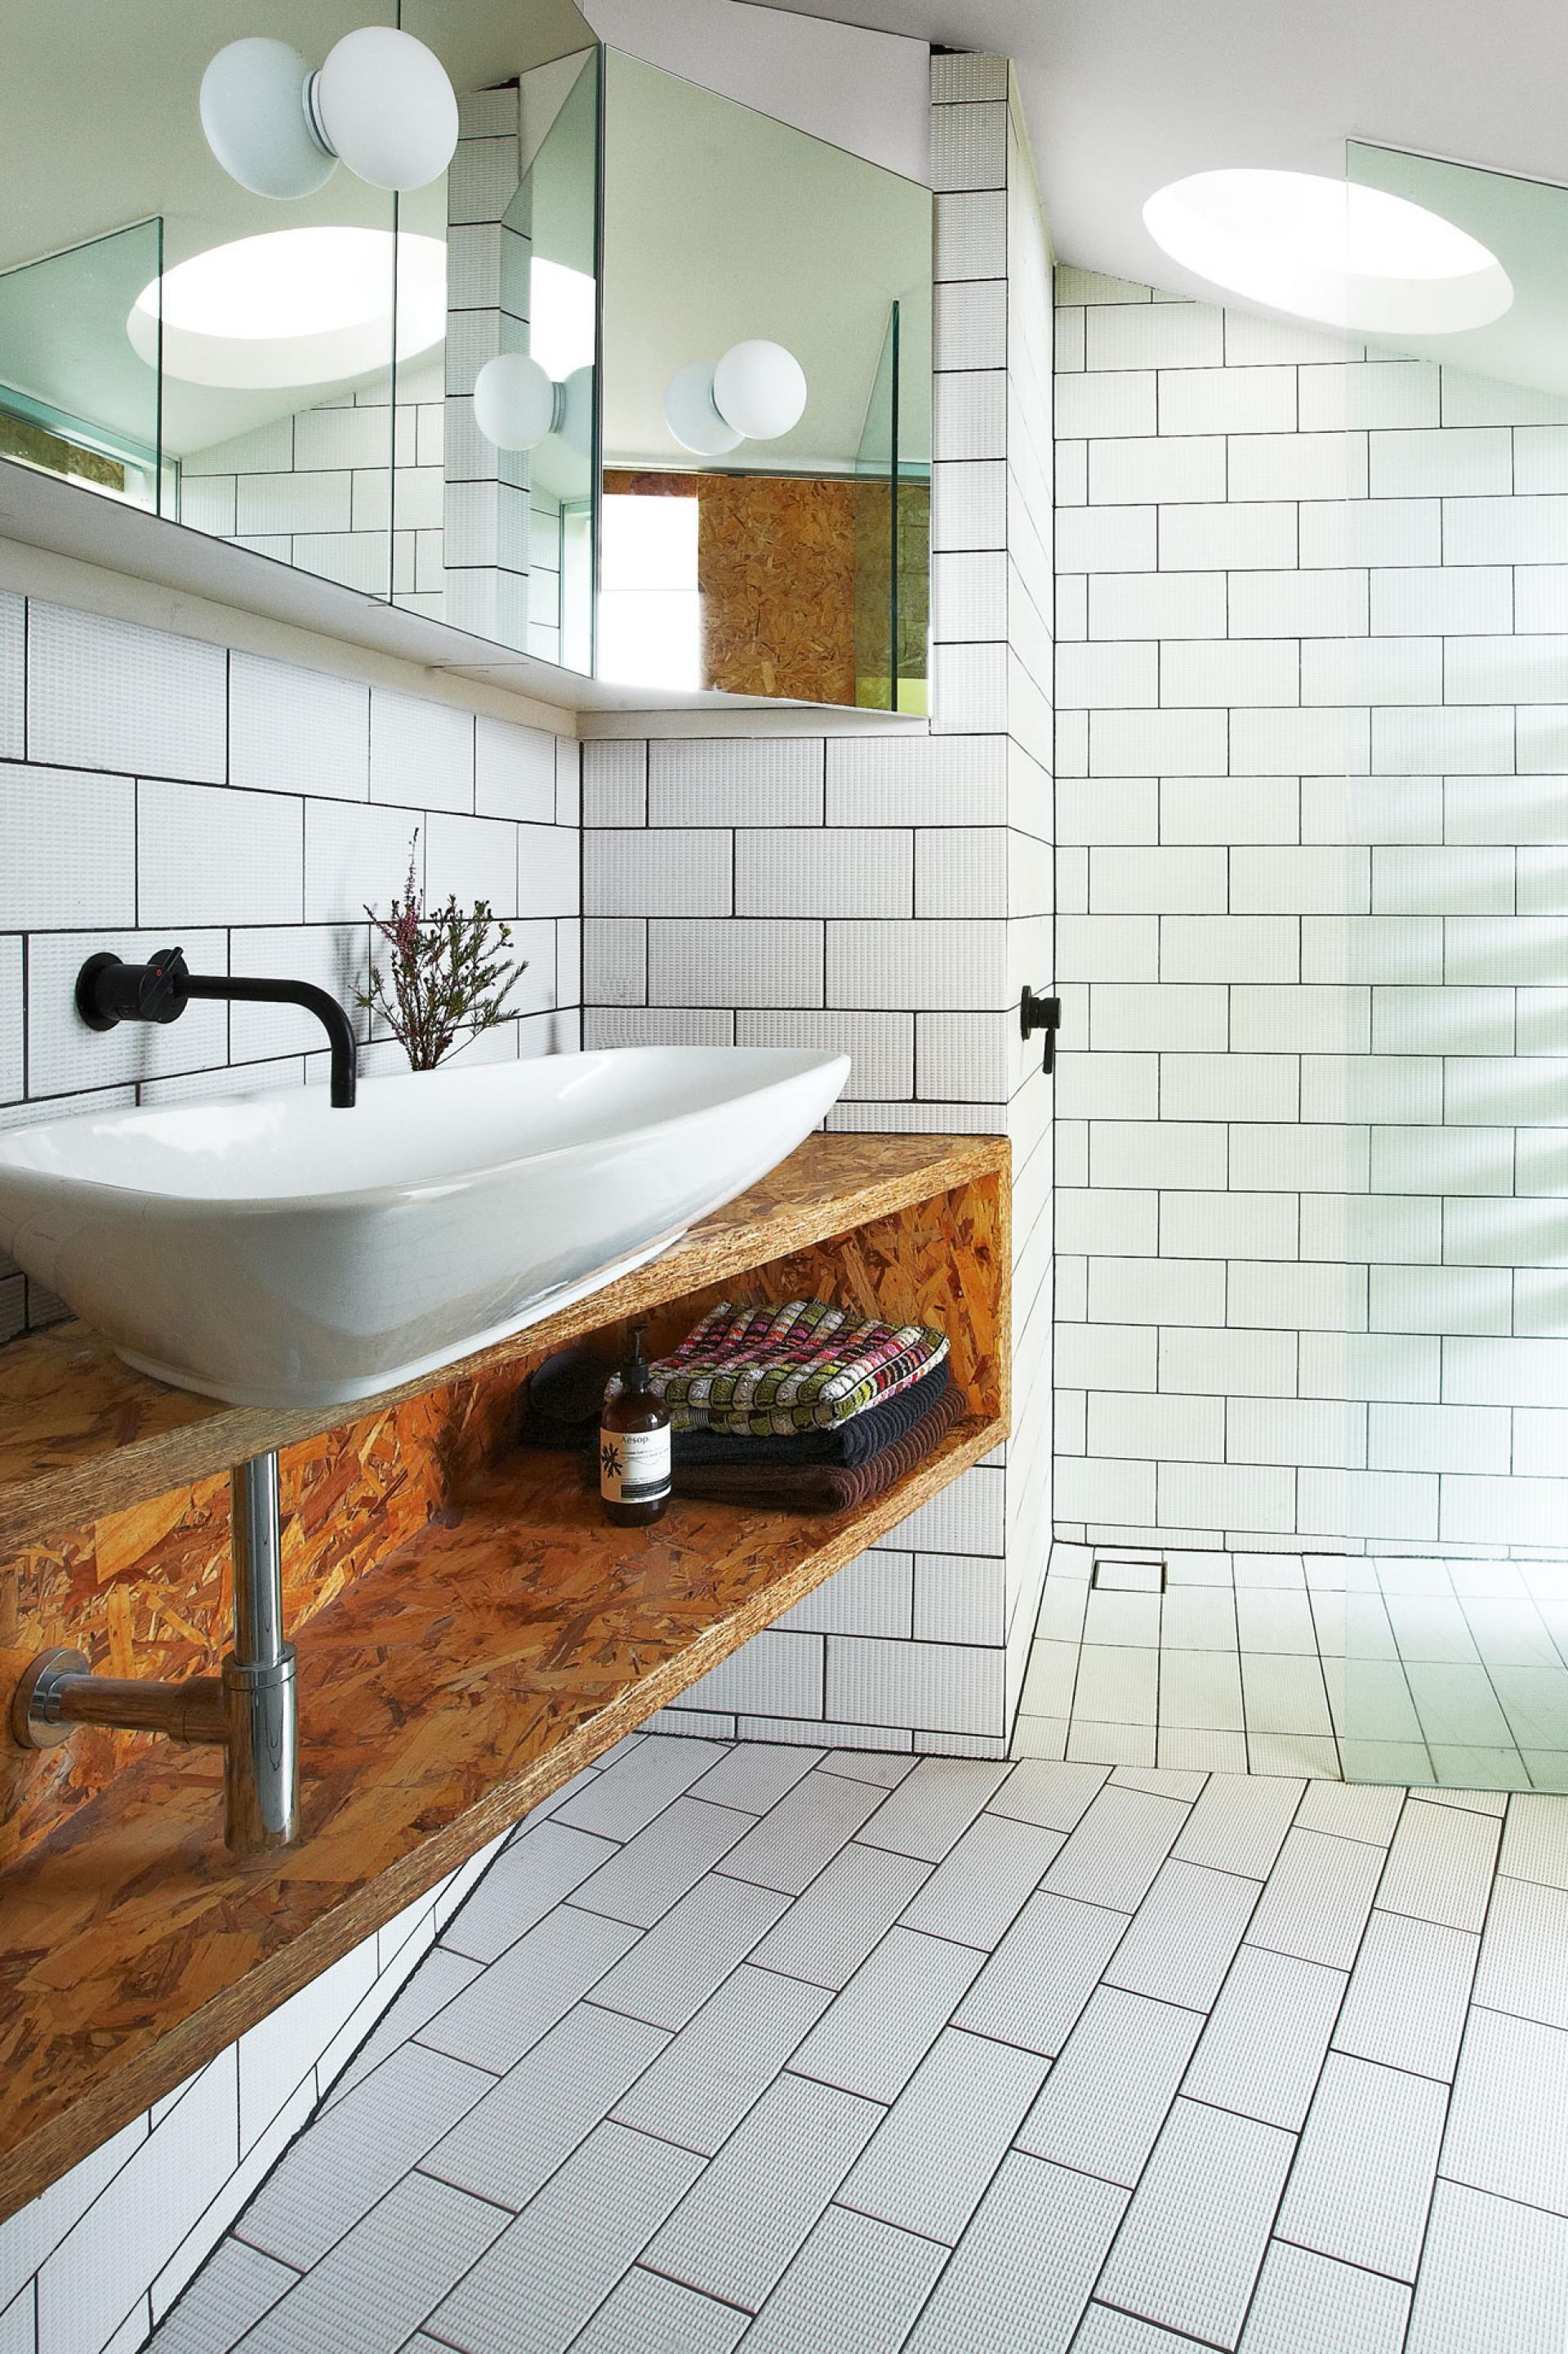 Osb Dans Salle De Bain edwards-bathroom-osb - vanity | travaux salle de bain, idée